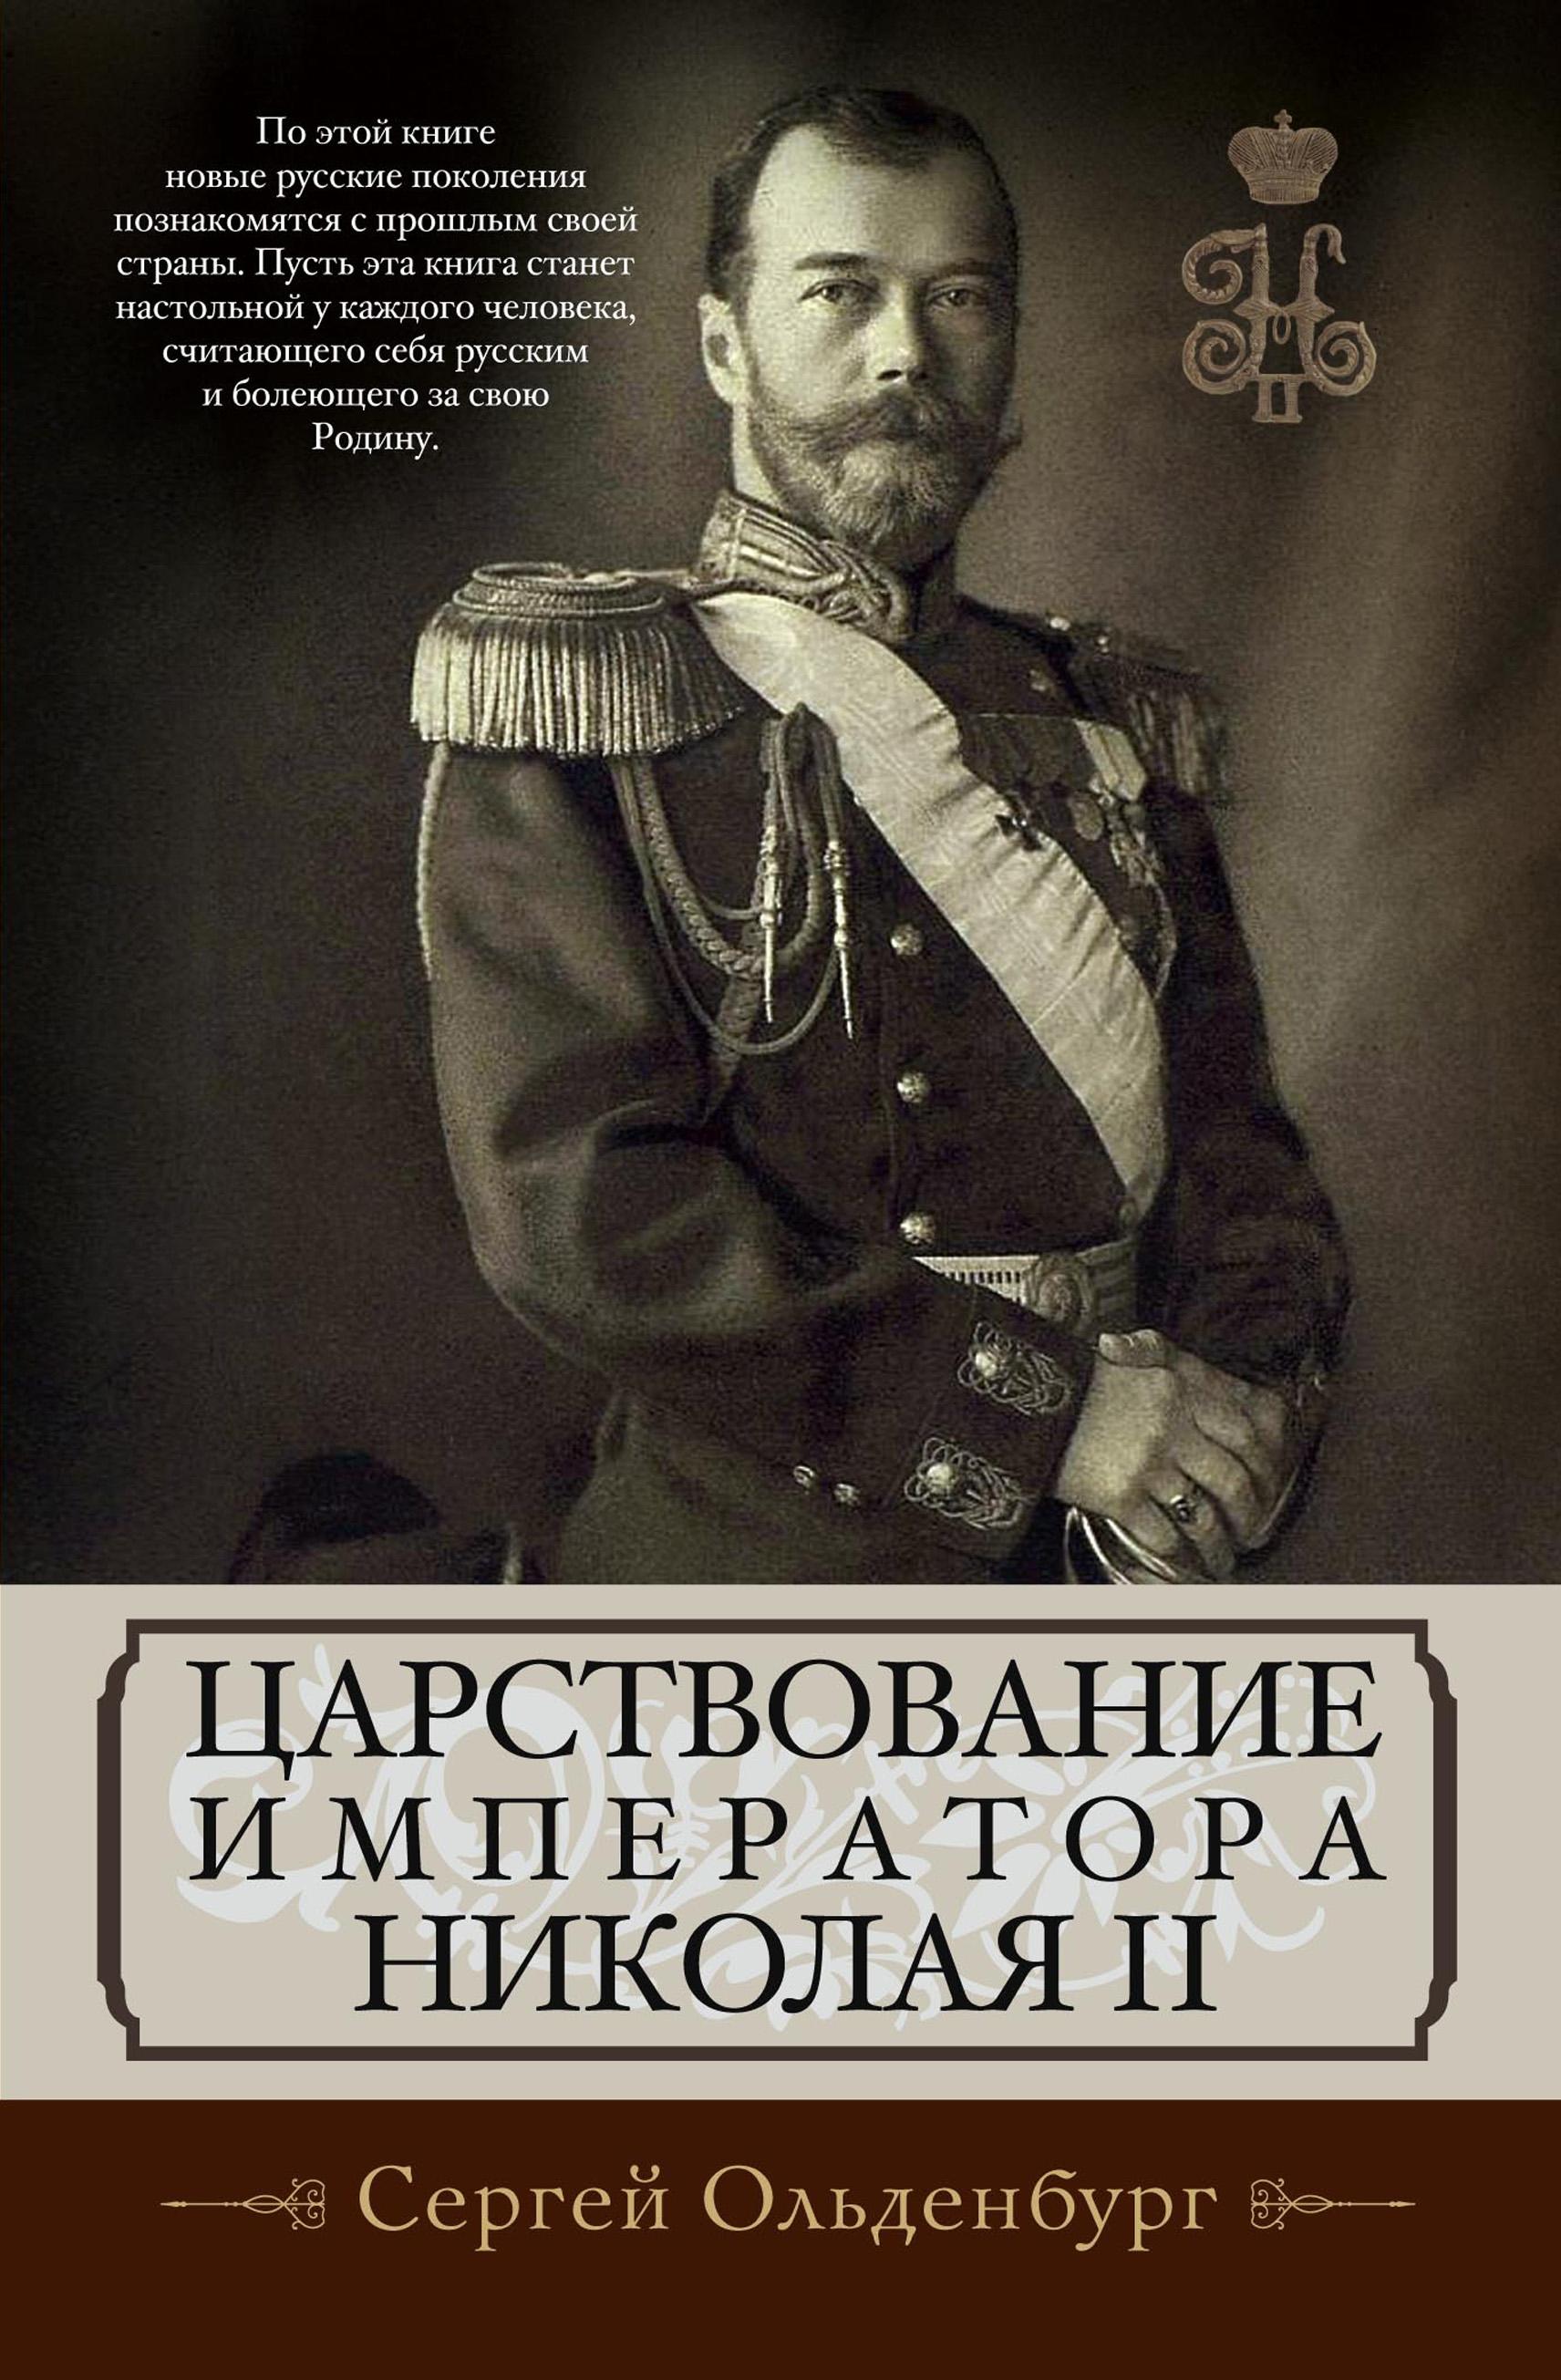 С. С. Ольденбург Царствование императора Николая II царствование императора николая ii